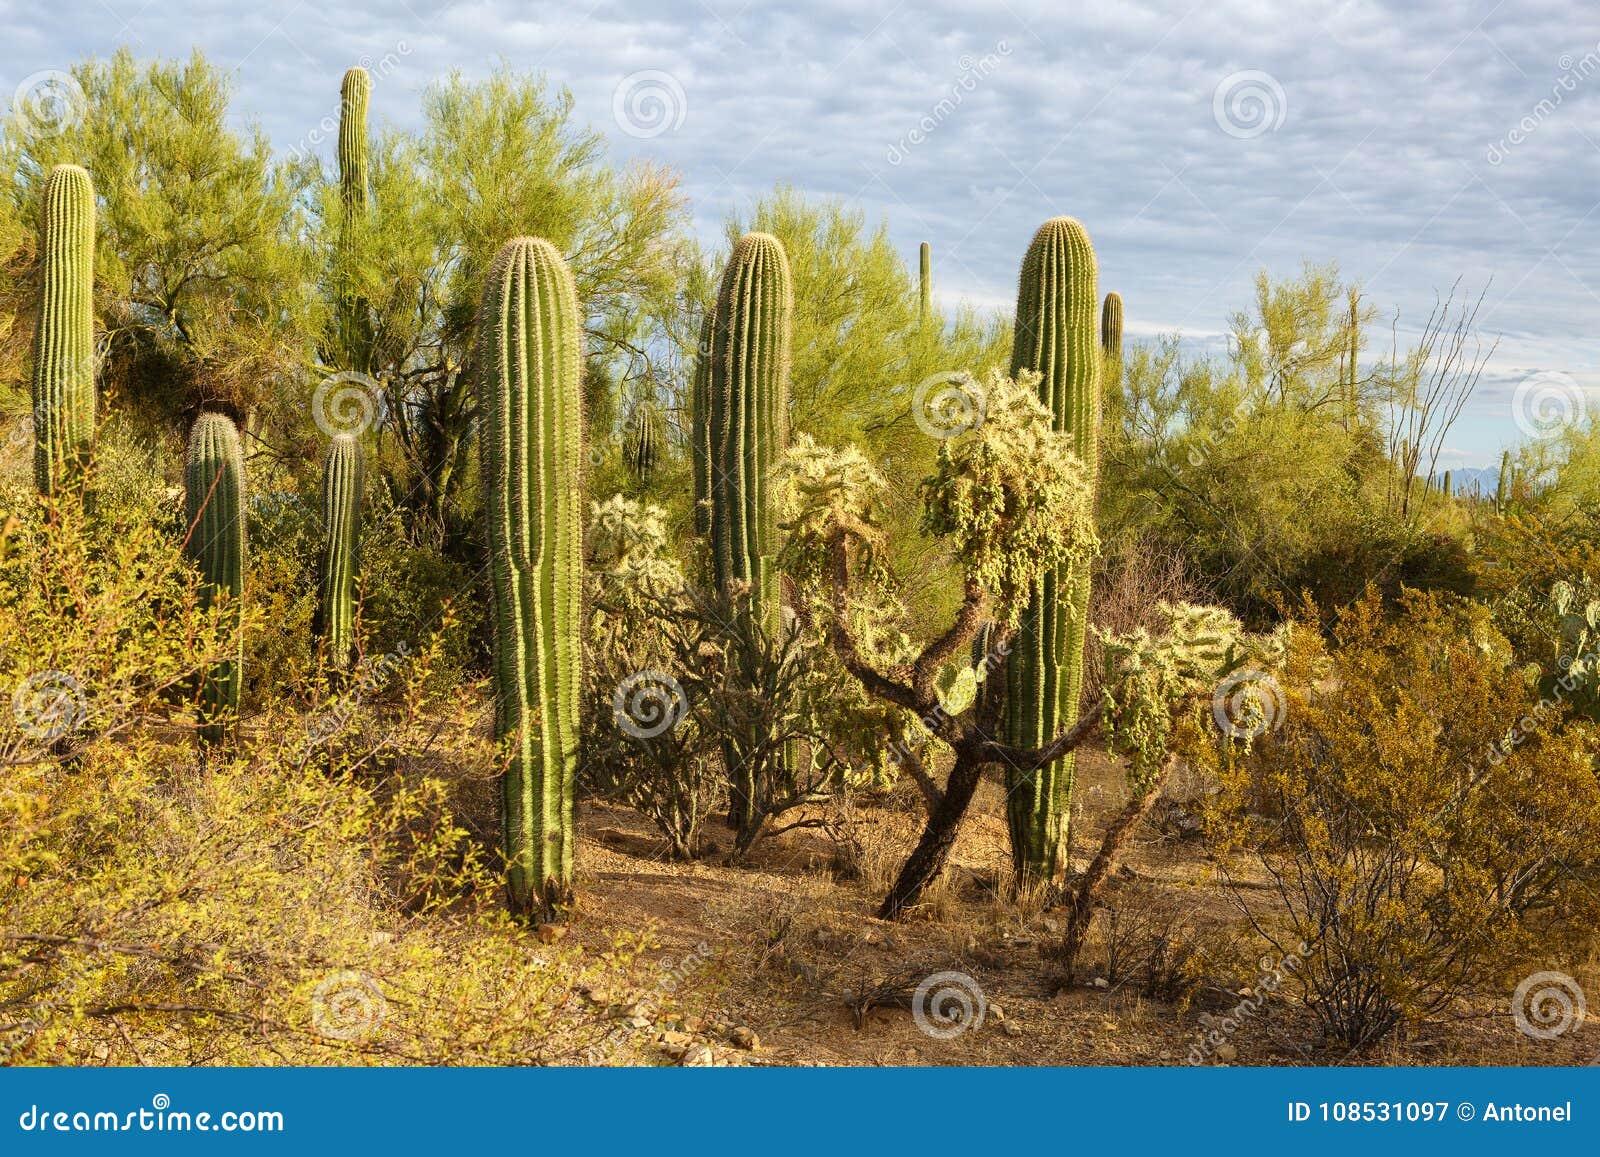 Boschetti del cactus nel parco nazionale al tramonto, Arizona sudorientale, Stati Uniti del saguaro